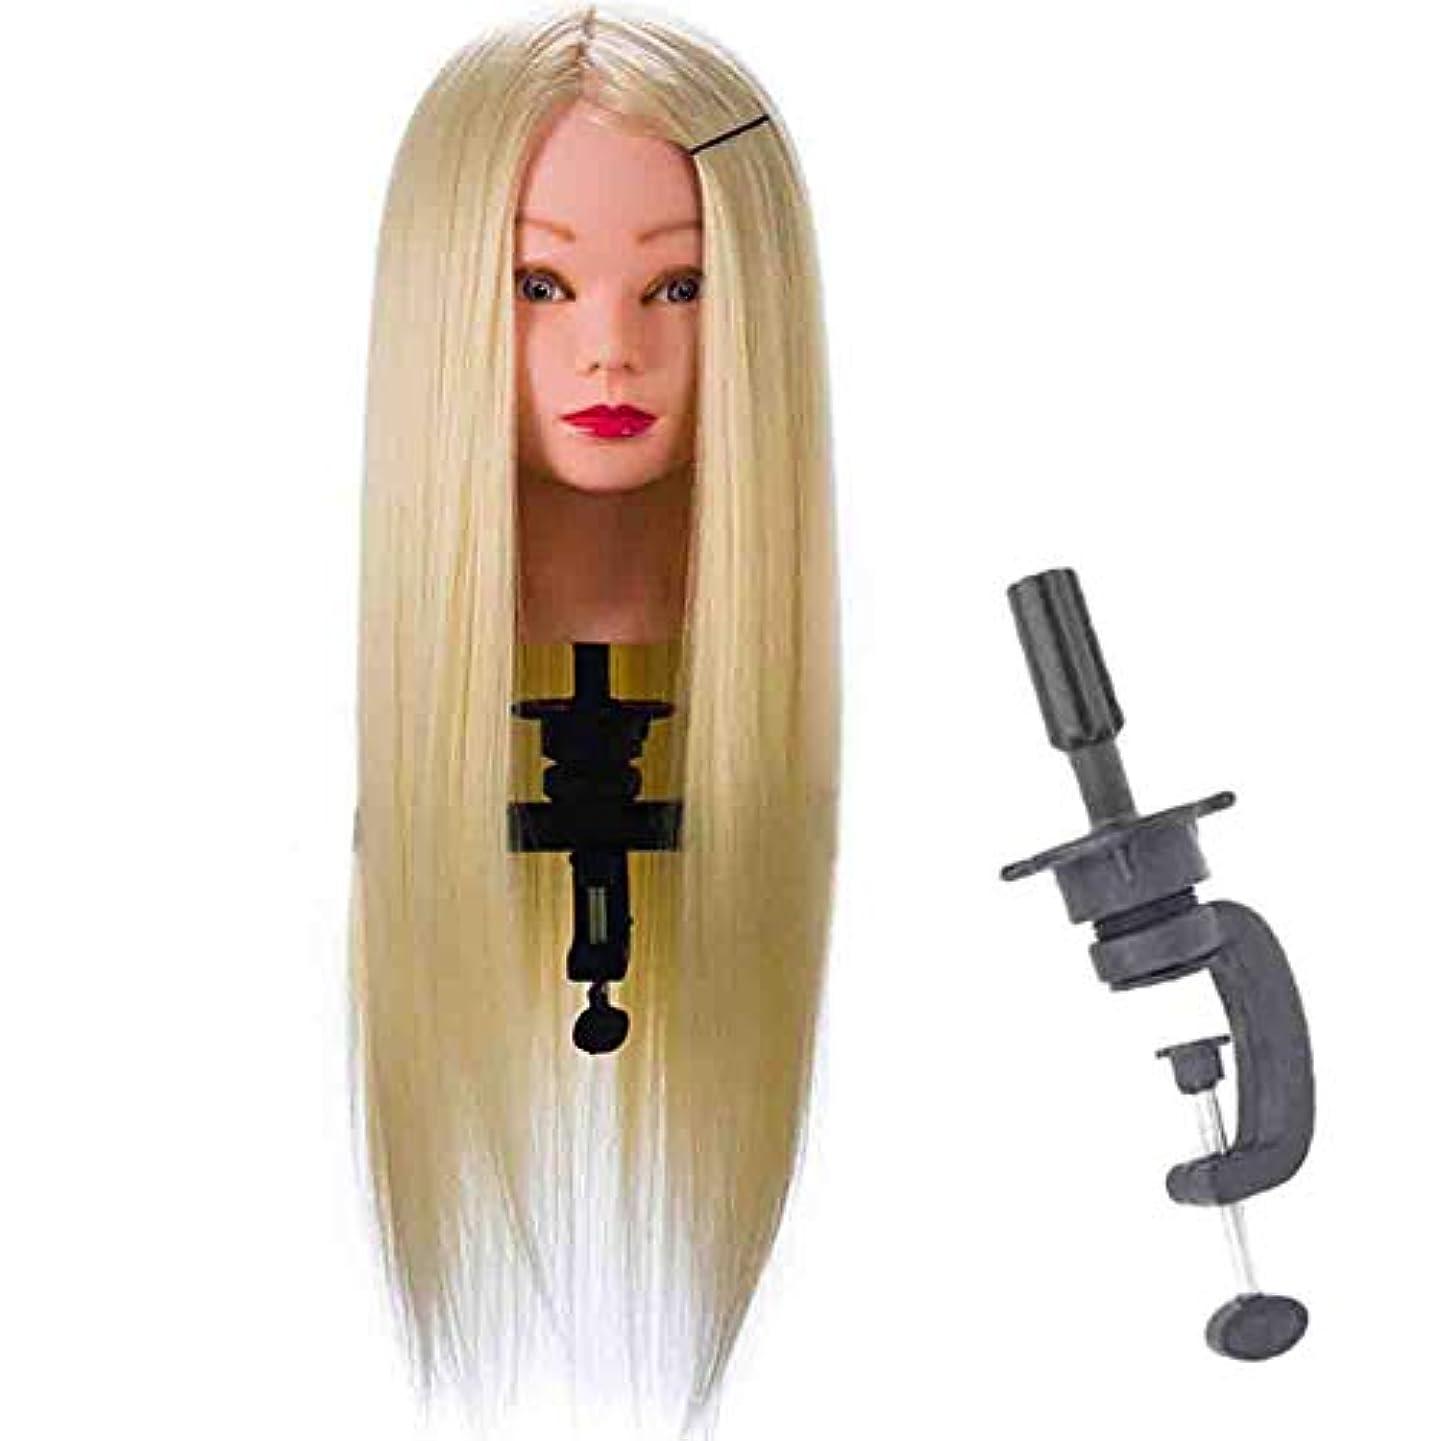 限界賞大理石シミュレーションウィッグヘッドダイドールヘッドモデルエクササイズディスクヘアブレードヘアメイクスタイリングヘアサロンダミーマネキンヘッド